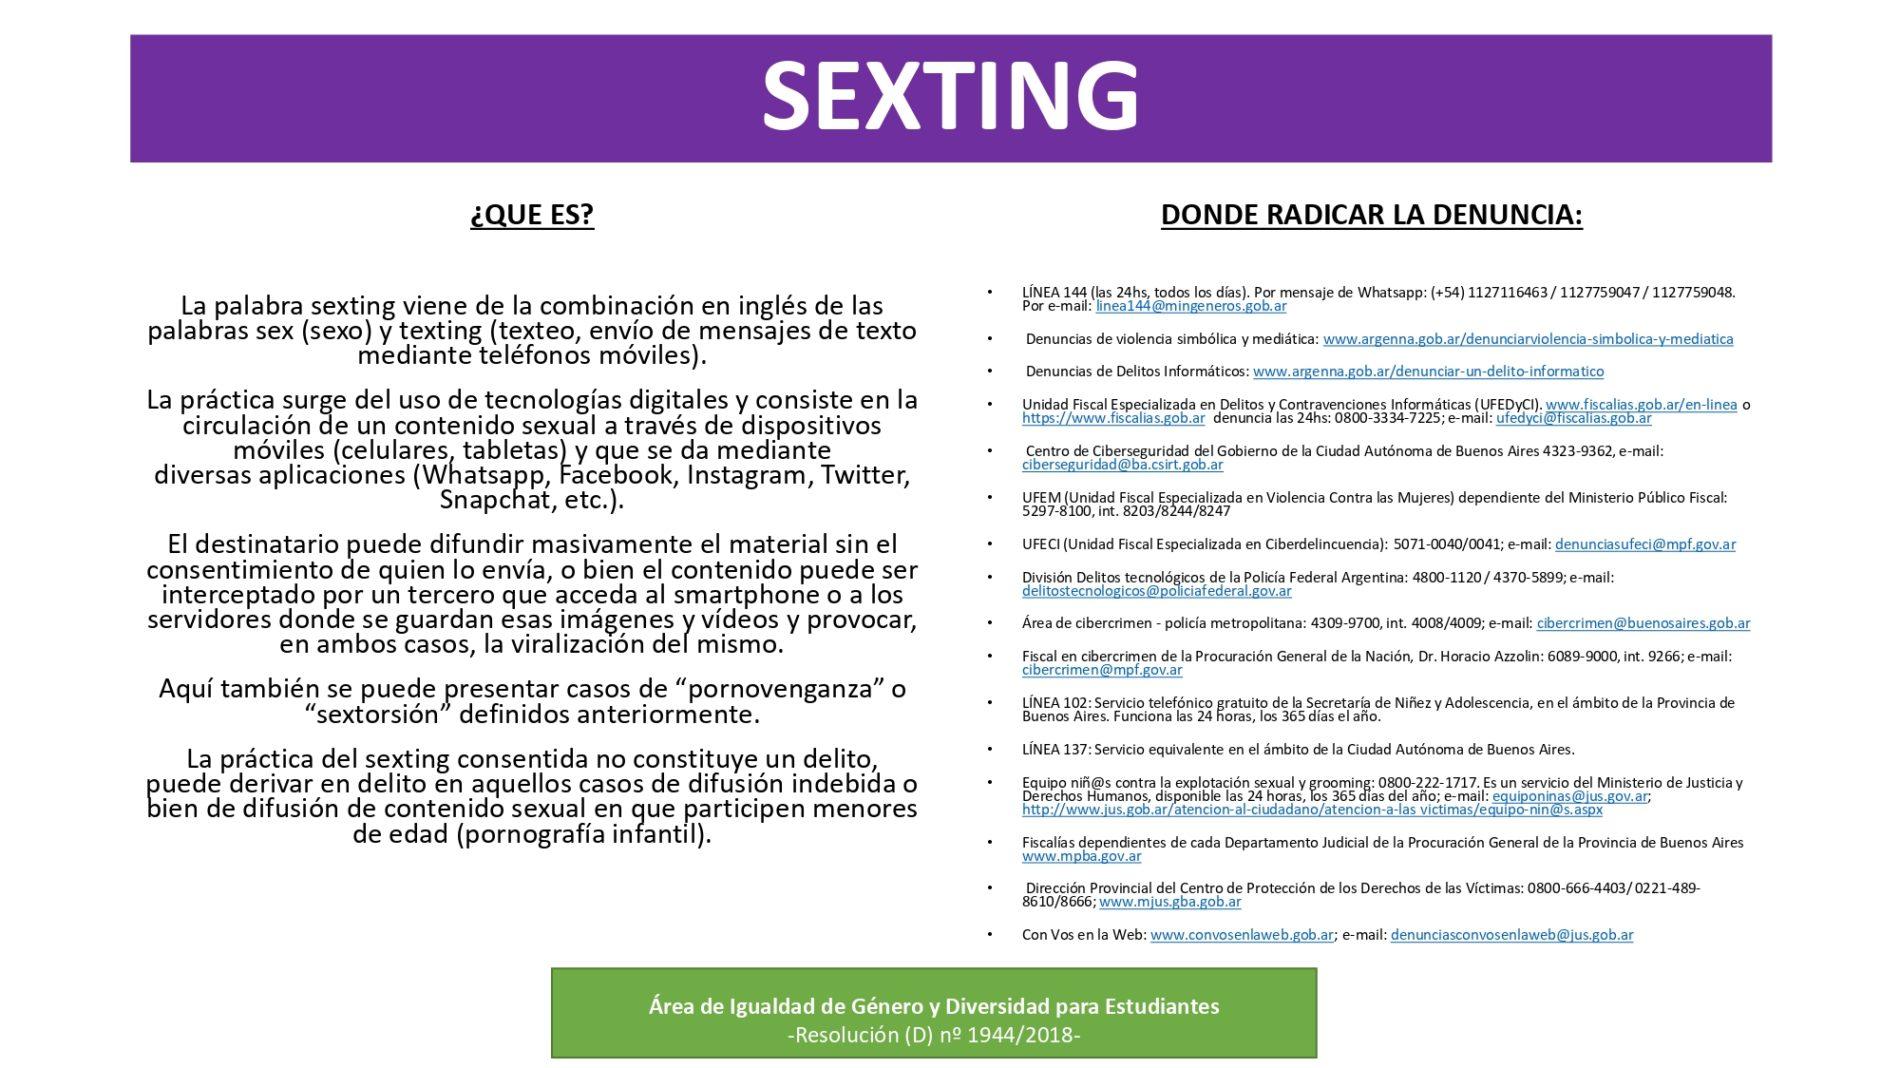 «Información sobre el procedimiento especial para denuncias urgentes» – Área de Igualdad de Género y Diversidad para Estudiantes – Facultad de Derecho, UBA.